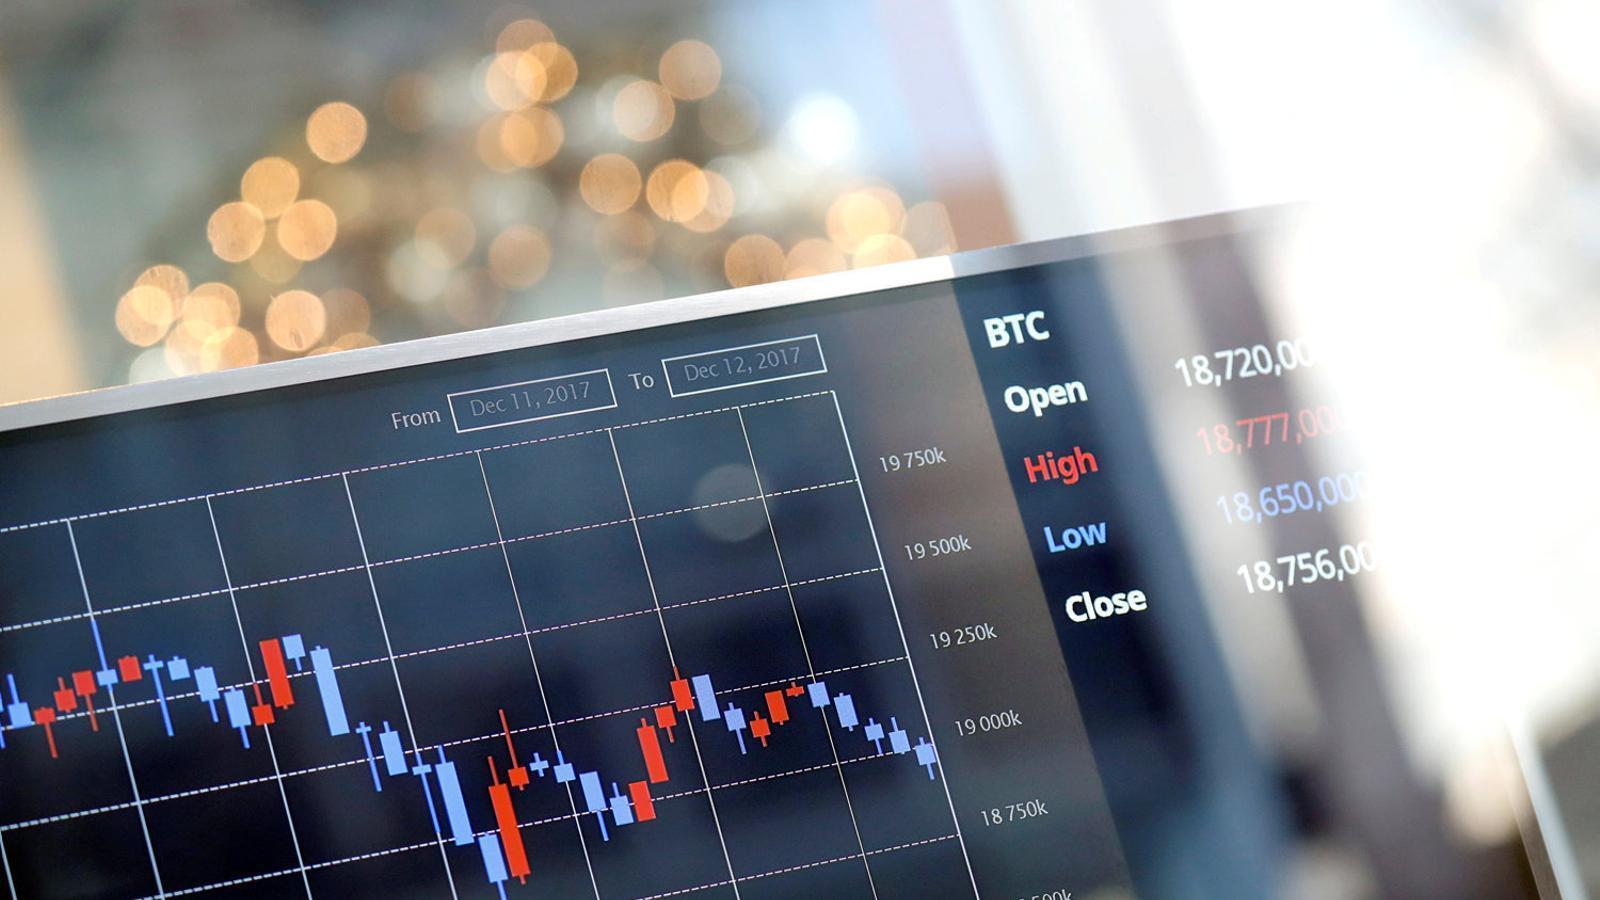 El cas ha saltat perquè s'han extraviat 340 bitcoins que, al canvi d'ahir, equivalien a 3,2 milions d'euros.